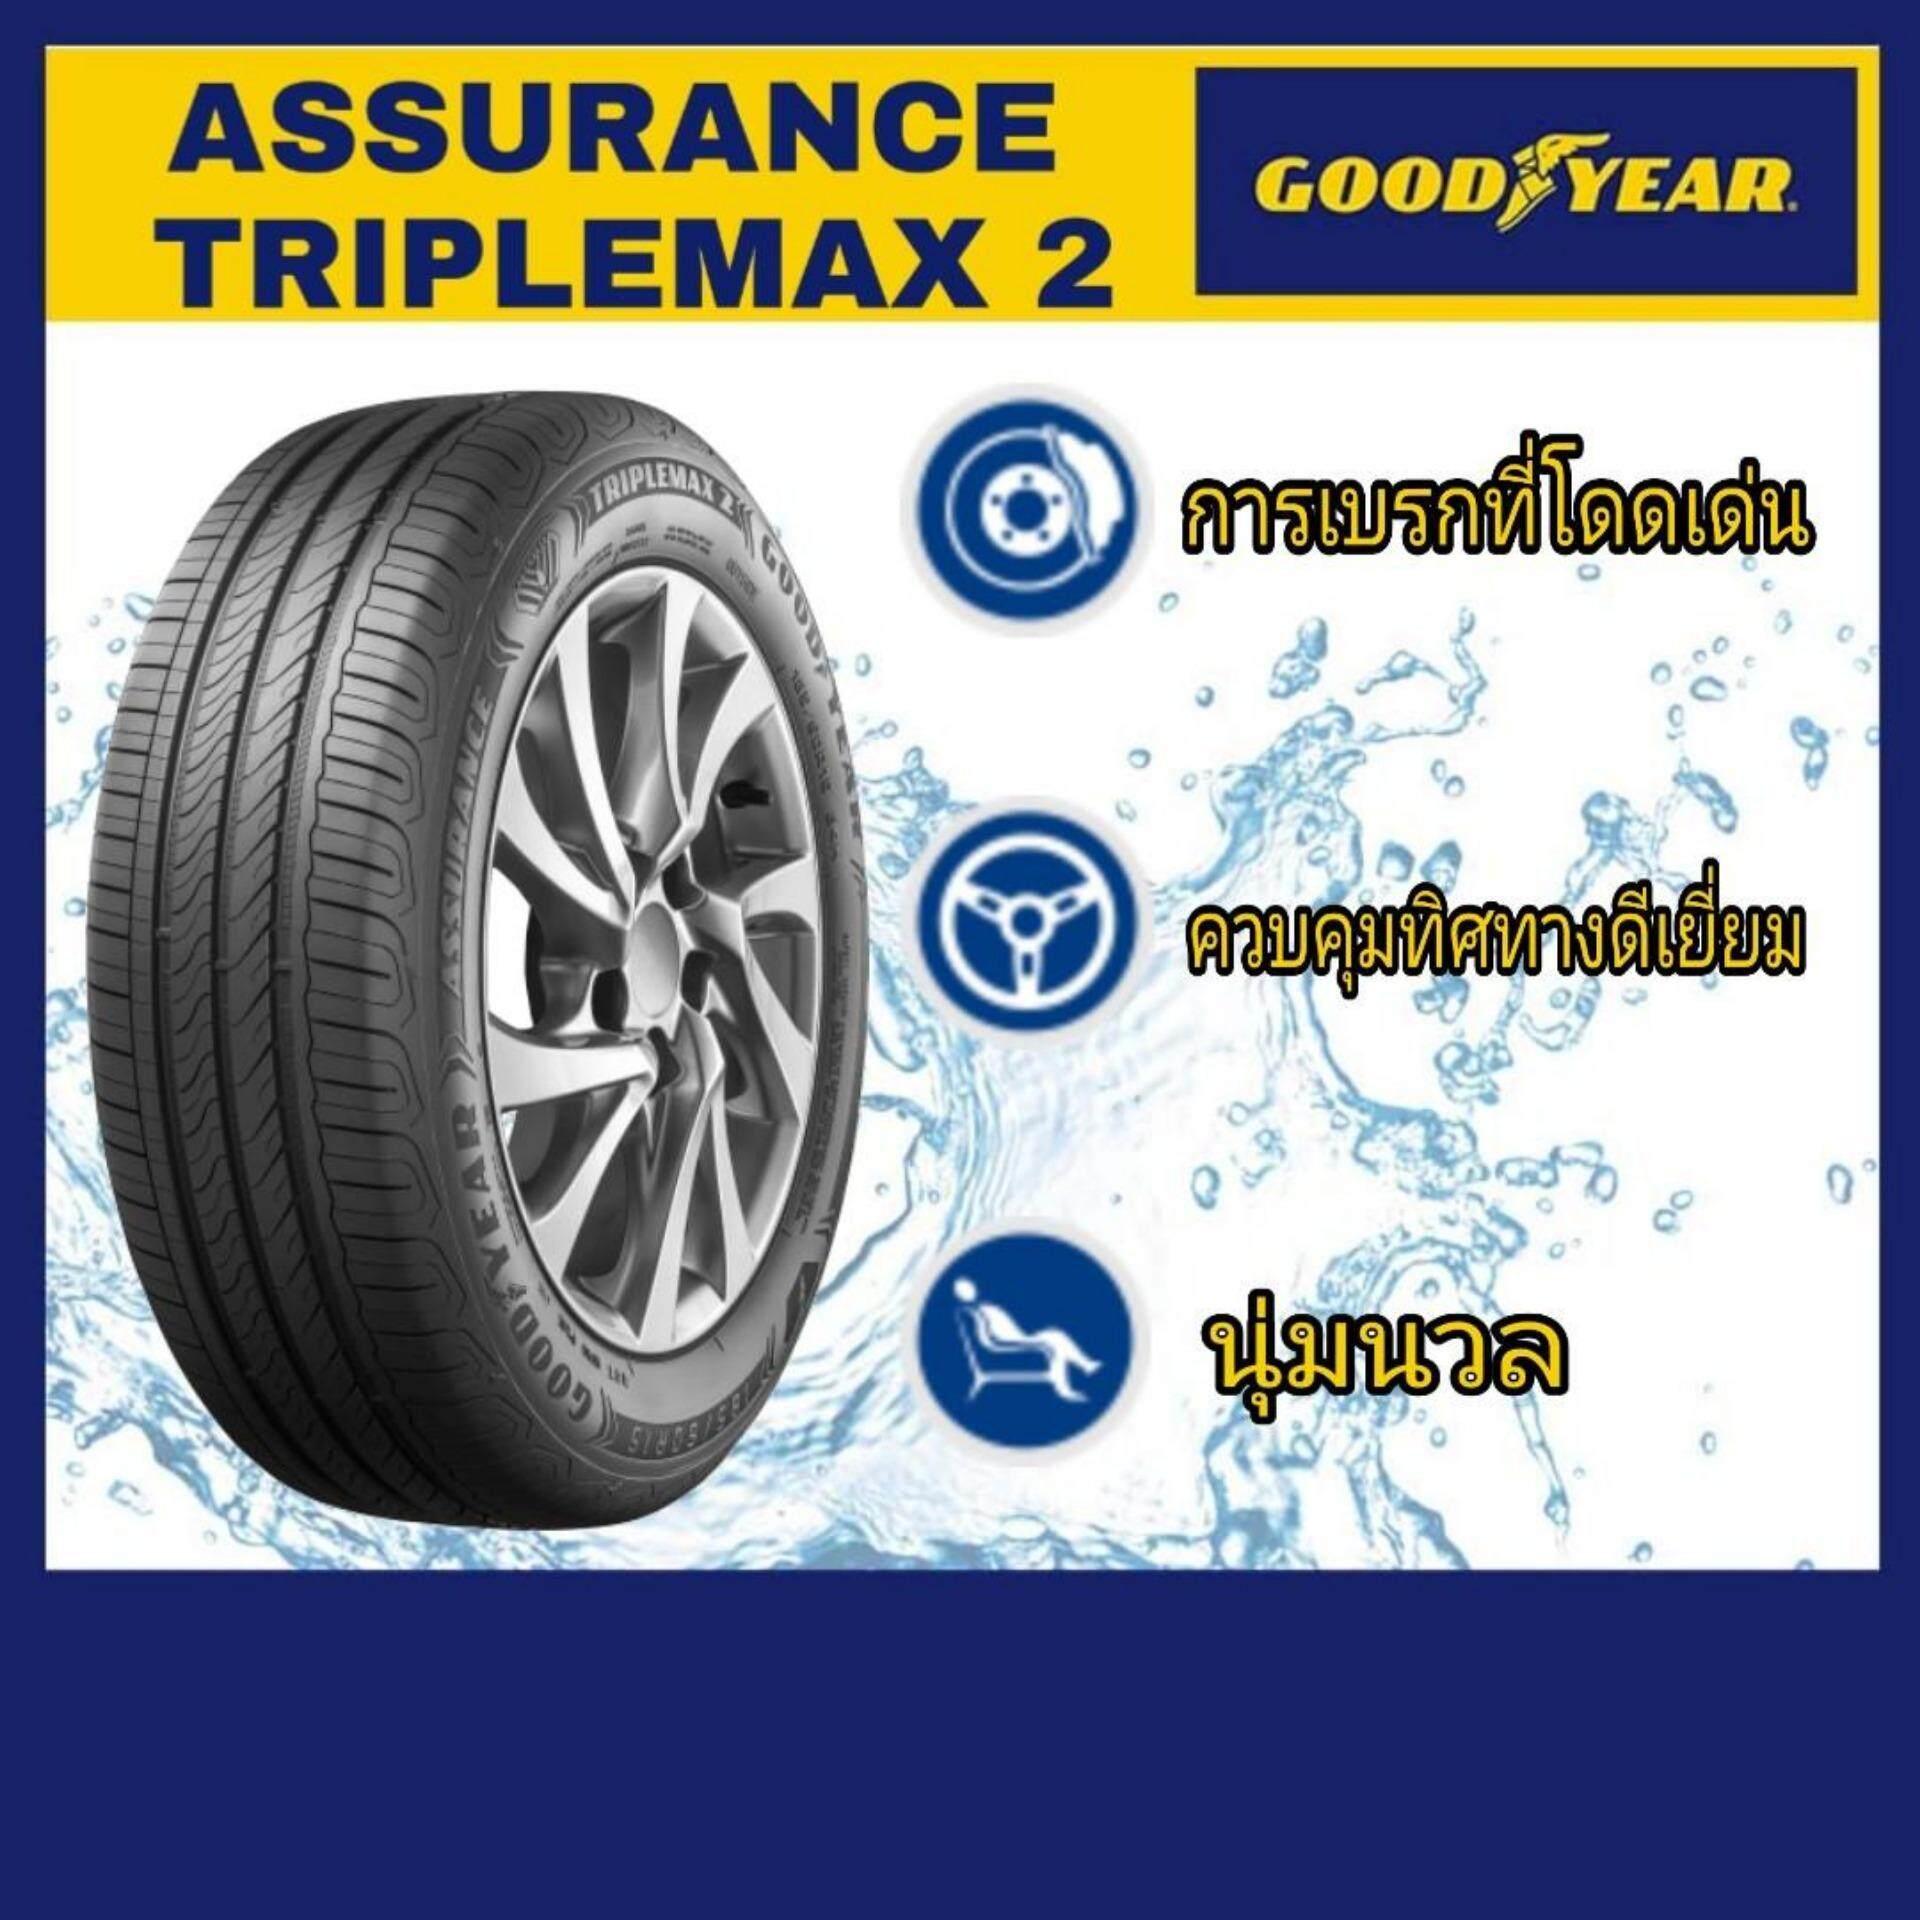 ประกันภัย รถยนต์ 2+ นราธิวาส Goodyear ยางรถยนต์ขอบ16  195/50R16 รุ่น Assurance TripleMax2